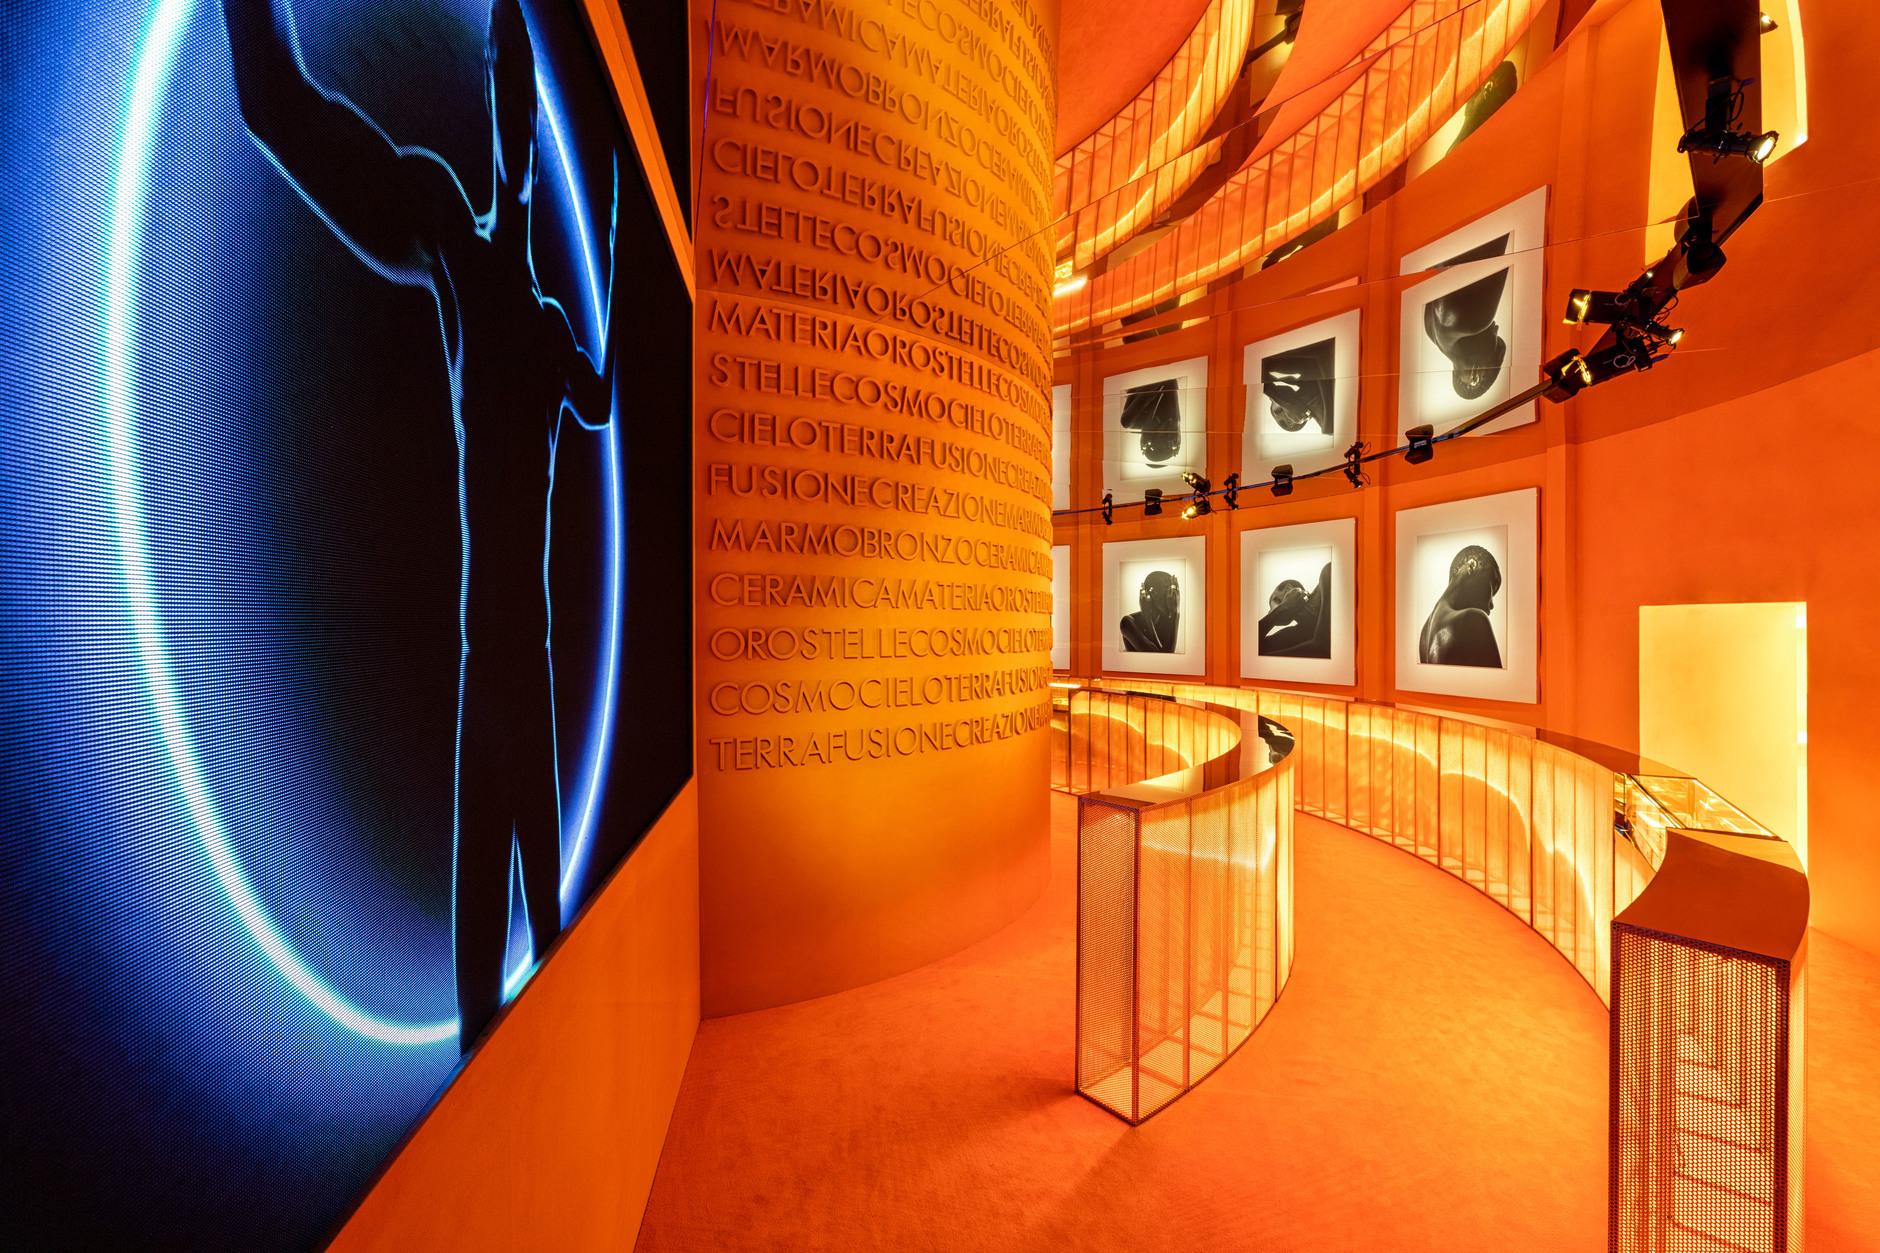 Инсталляции Bvlgari на Неделе дизайна в Милане (галерея 6, фото 4)